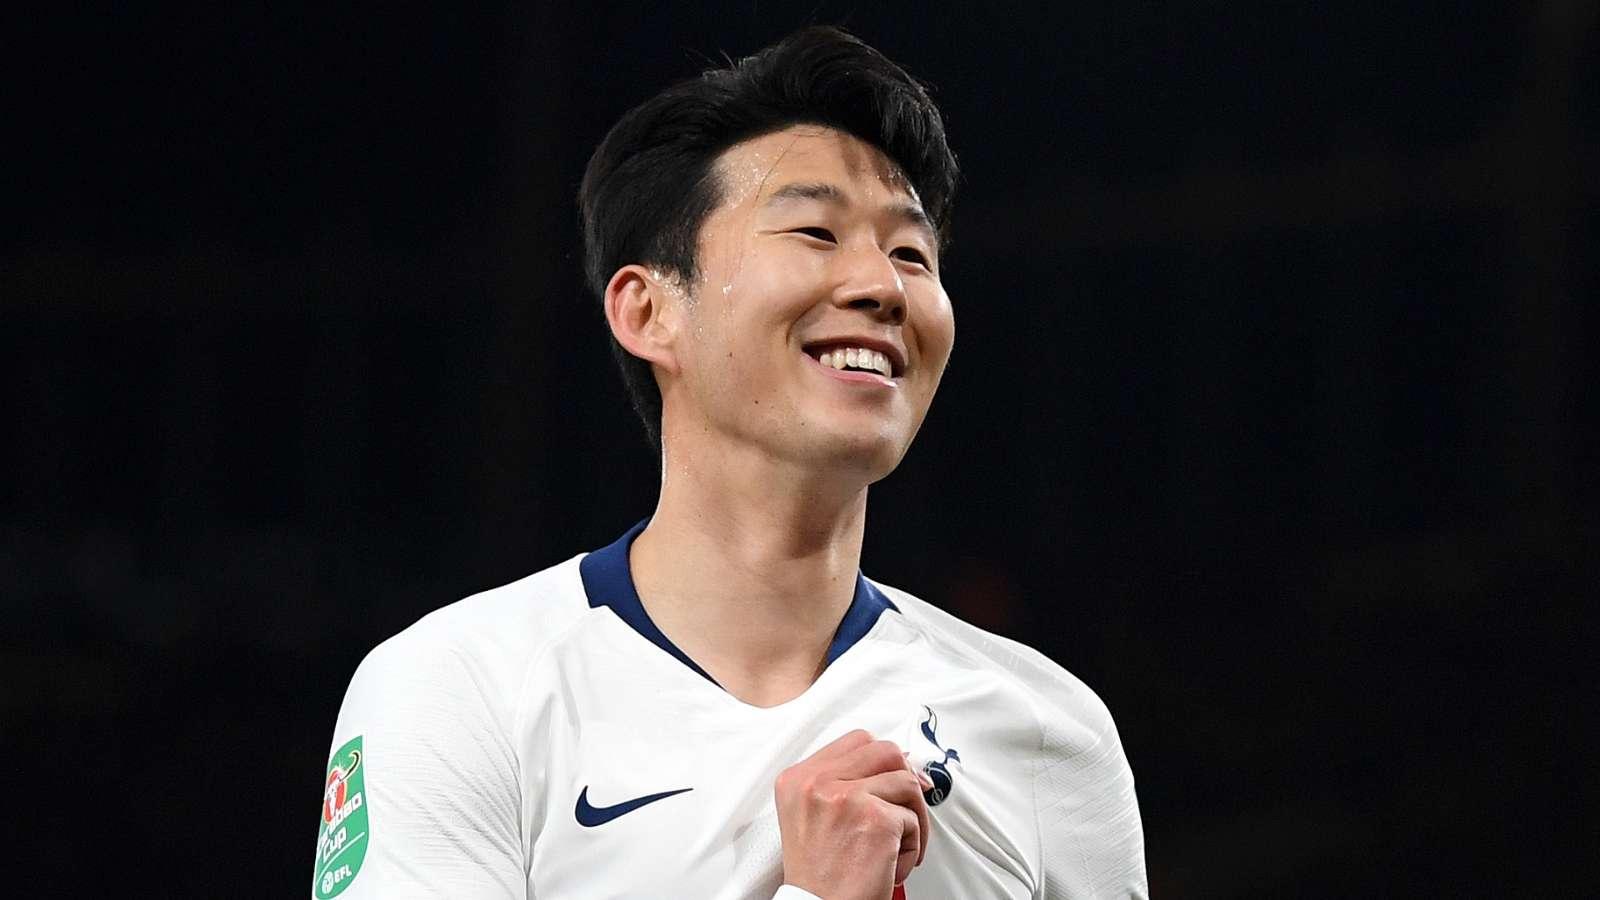 孙兴慜:享受球场上的每一刻, 感激可以获得机会